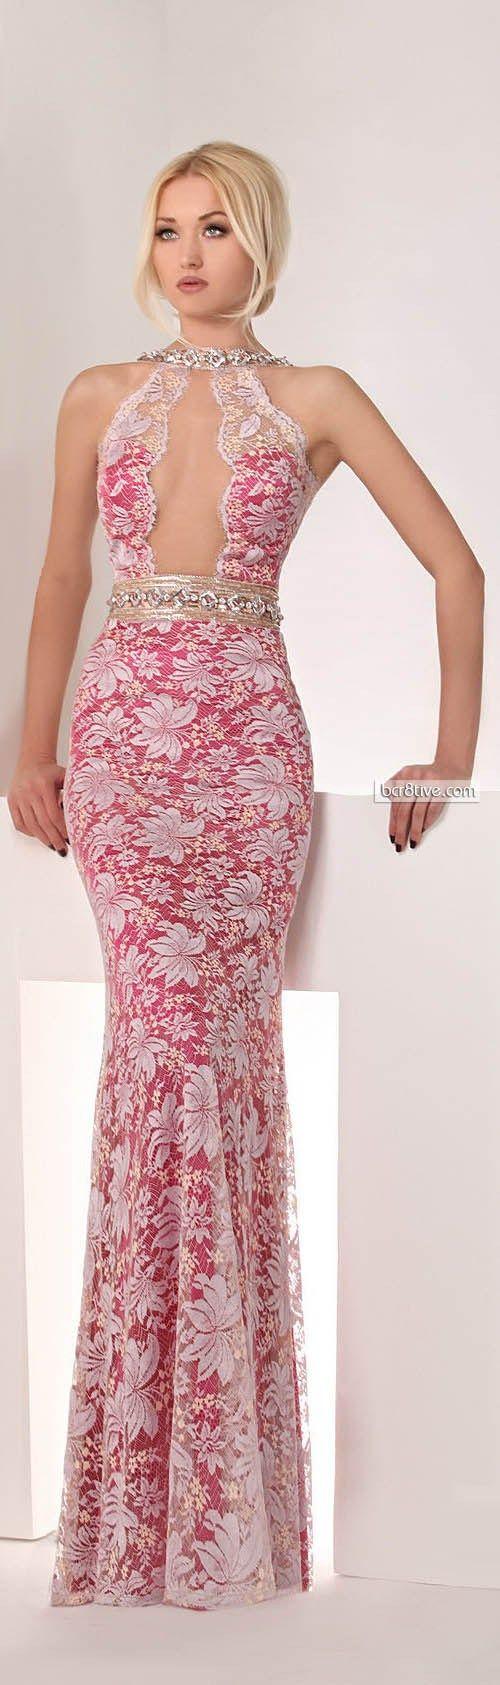 Mejores 12 imágenes de moda en Pinterest | Vestidos bonitos, Alta ...